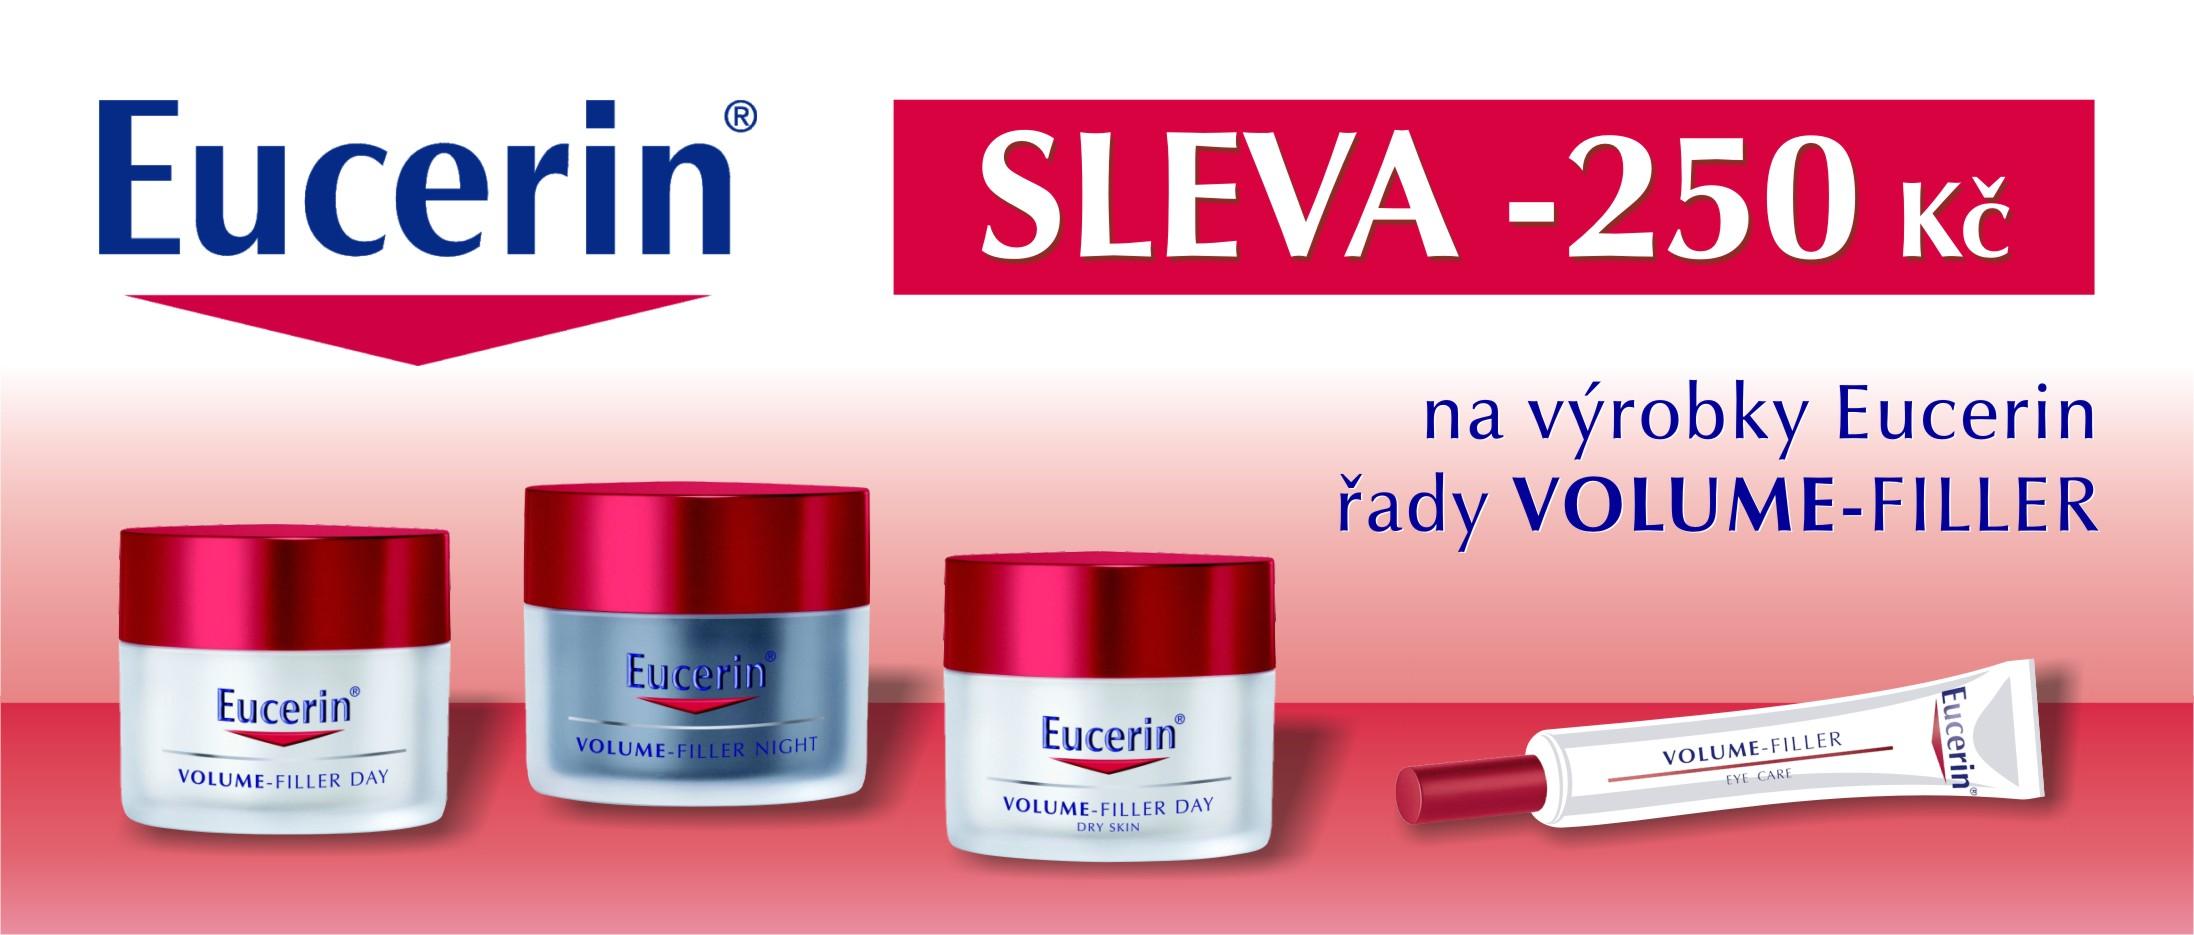 Sleva 250 Kč na výrobky z řady Eucerin Volume Filler. Limitovaná nabídka.